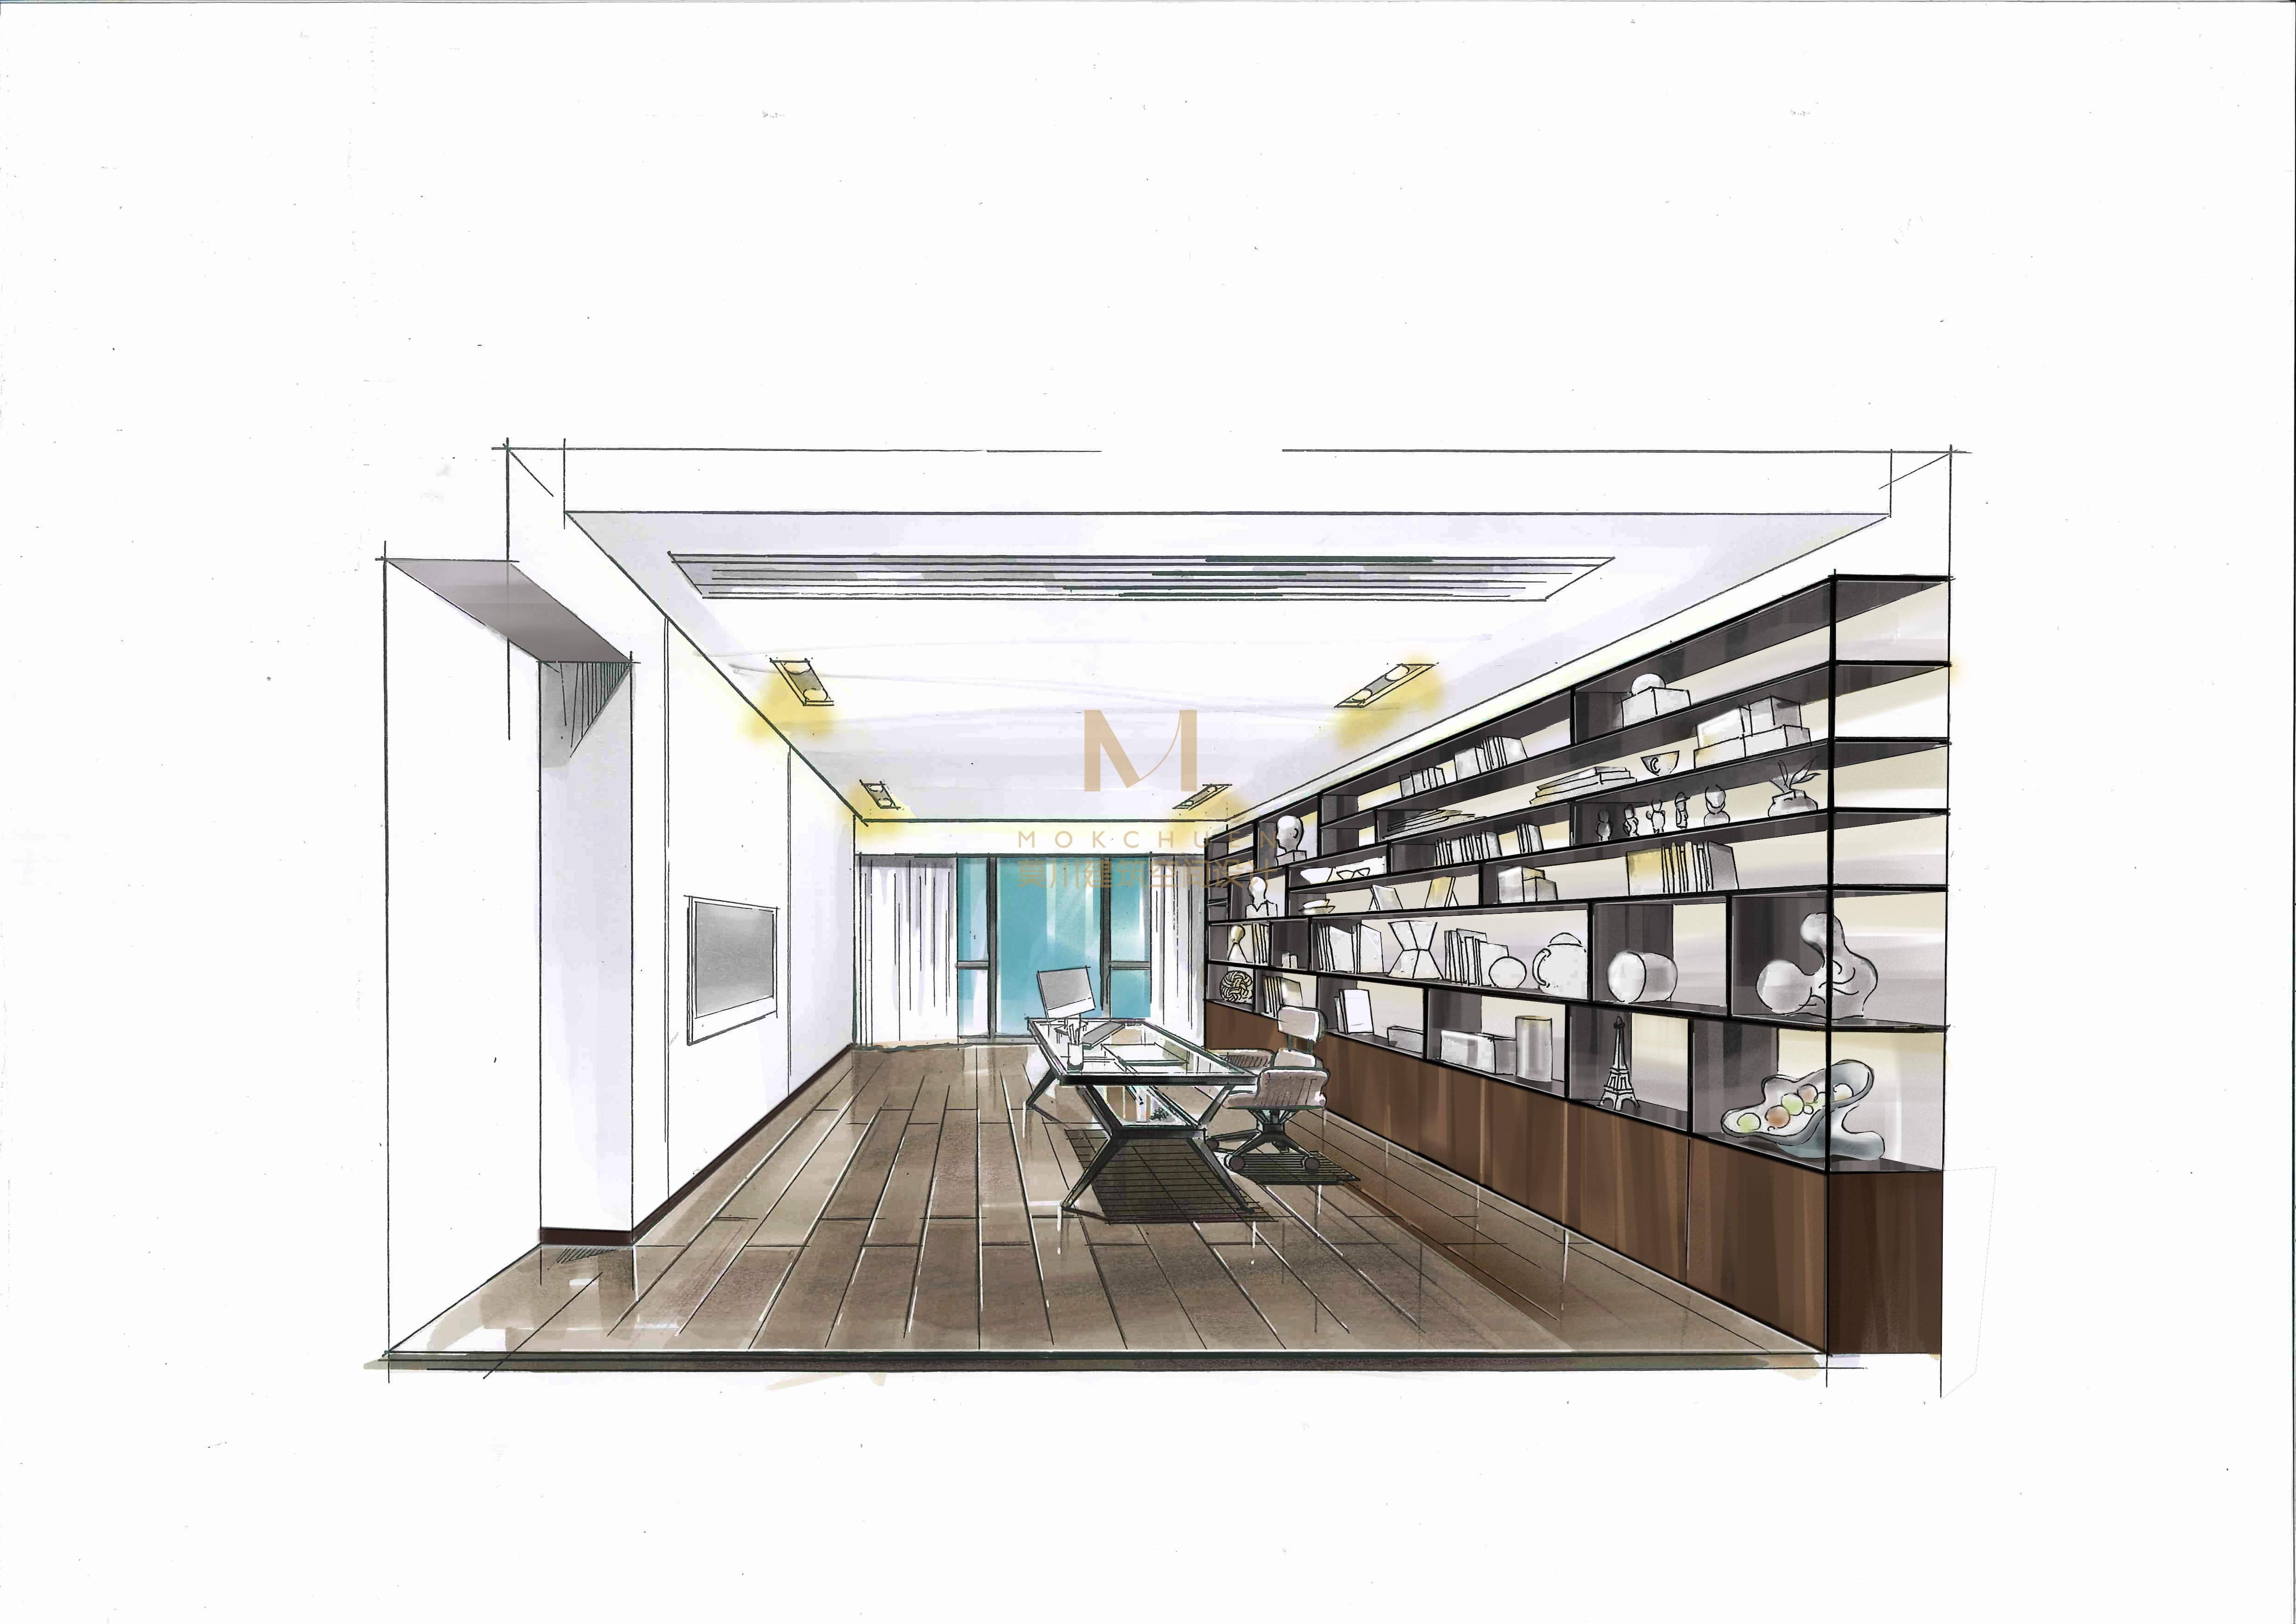 简约 现代图片来自莫川建筑空间设计在博林天瑞的分享